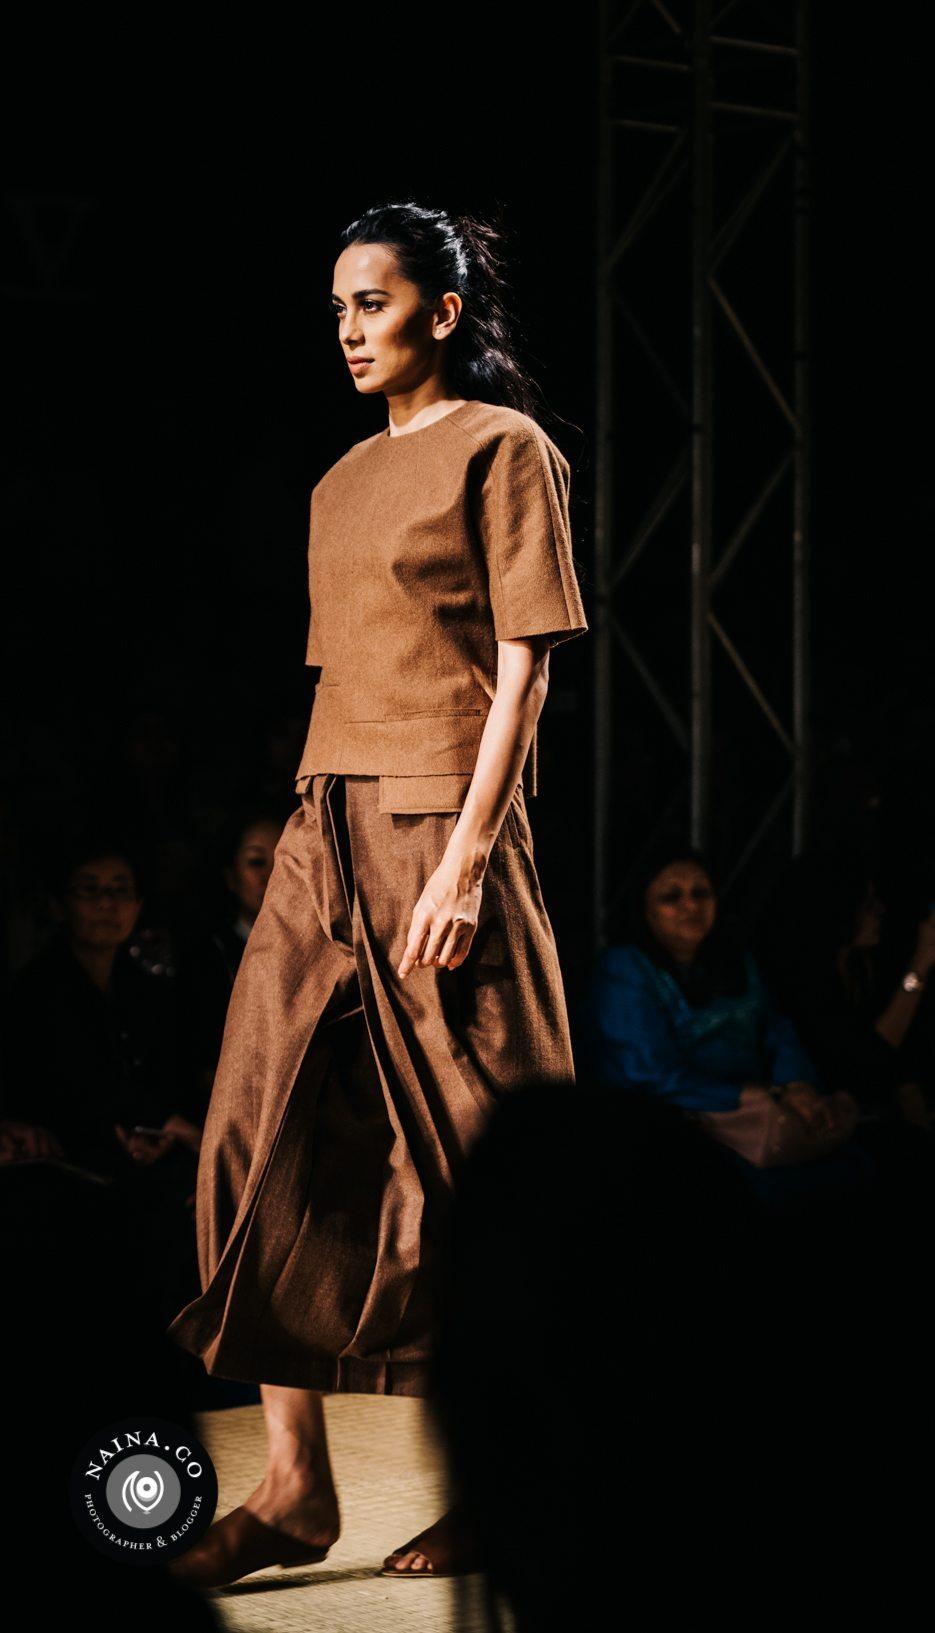 Naina.co-Raconteuse-Visuelle-Photographer-Blogger-Storyteller-Luxury-Lifestyle-AIFWAW15-Bodice-RuchikaSachdeva